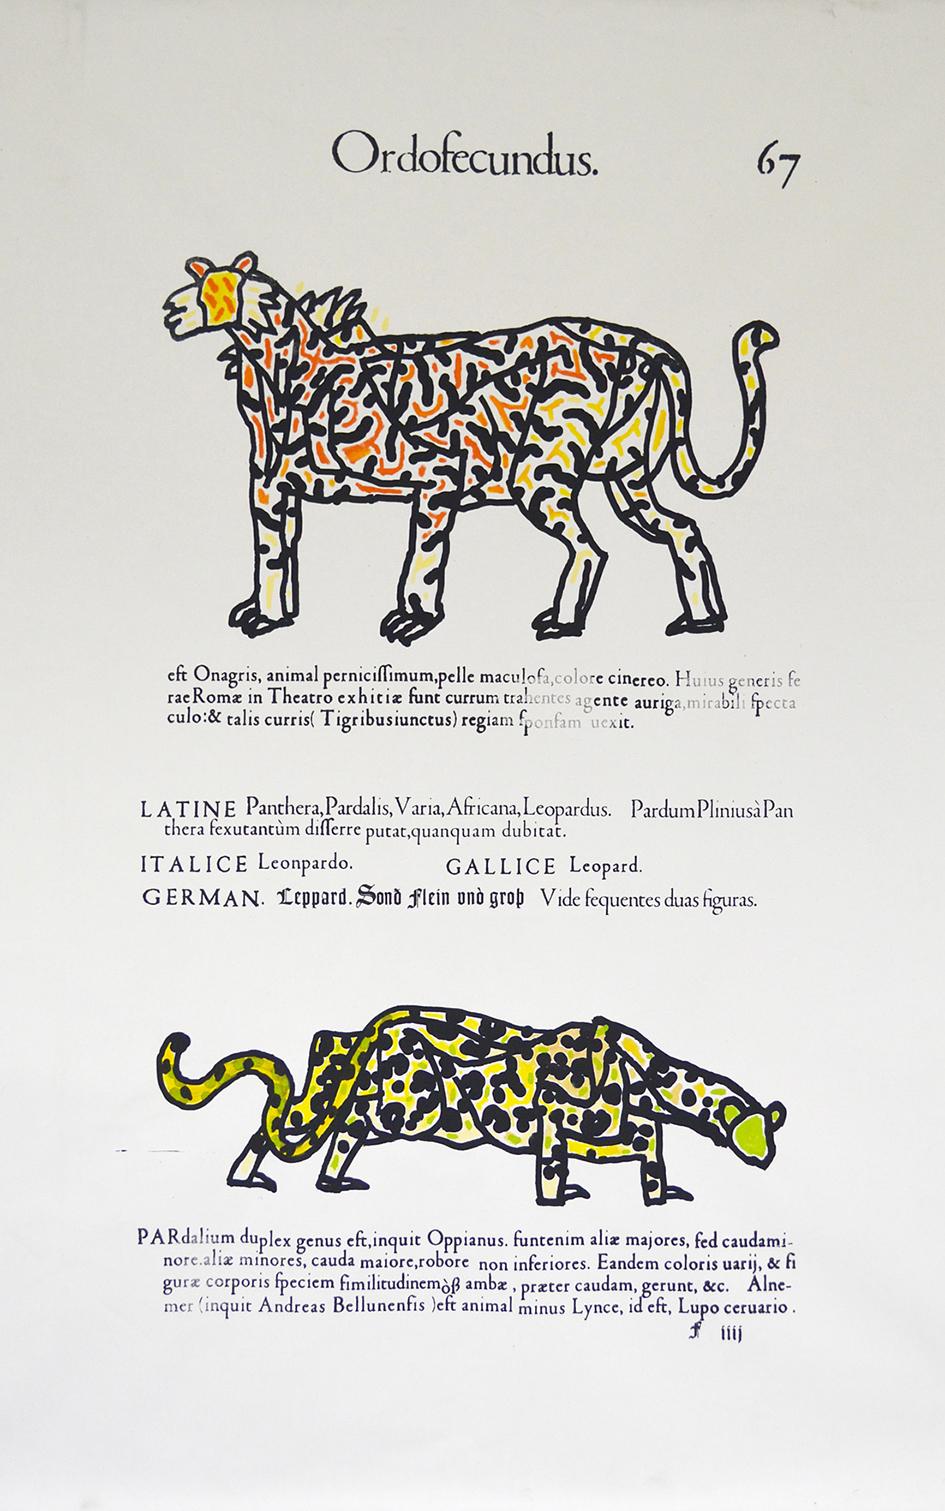 Adrien Vermont (Tiger & Leopard)